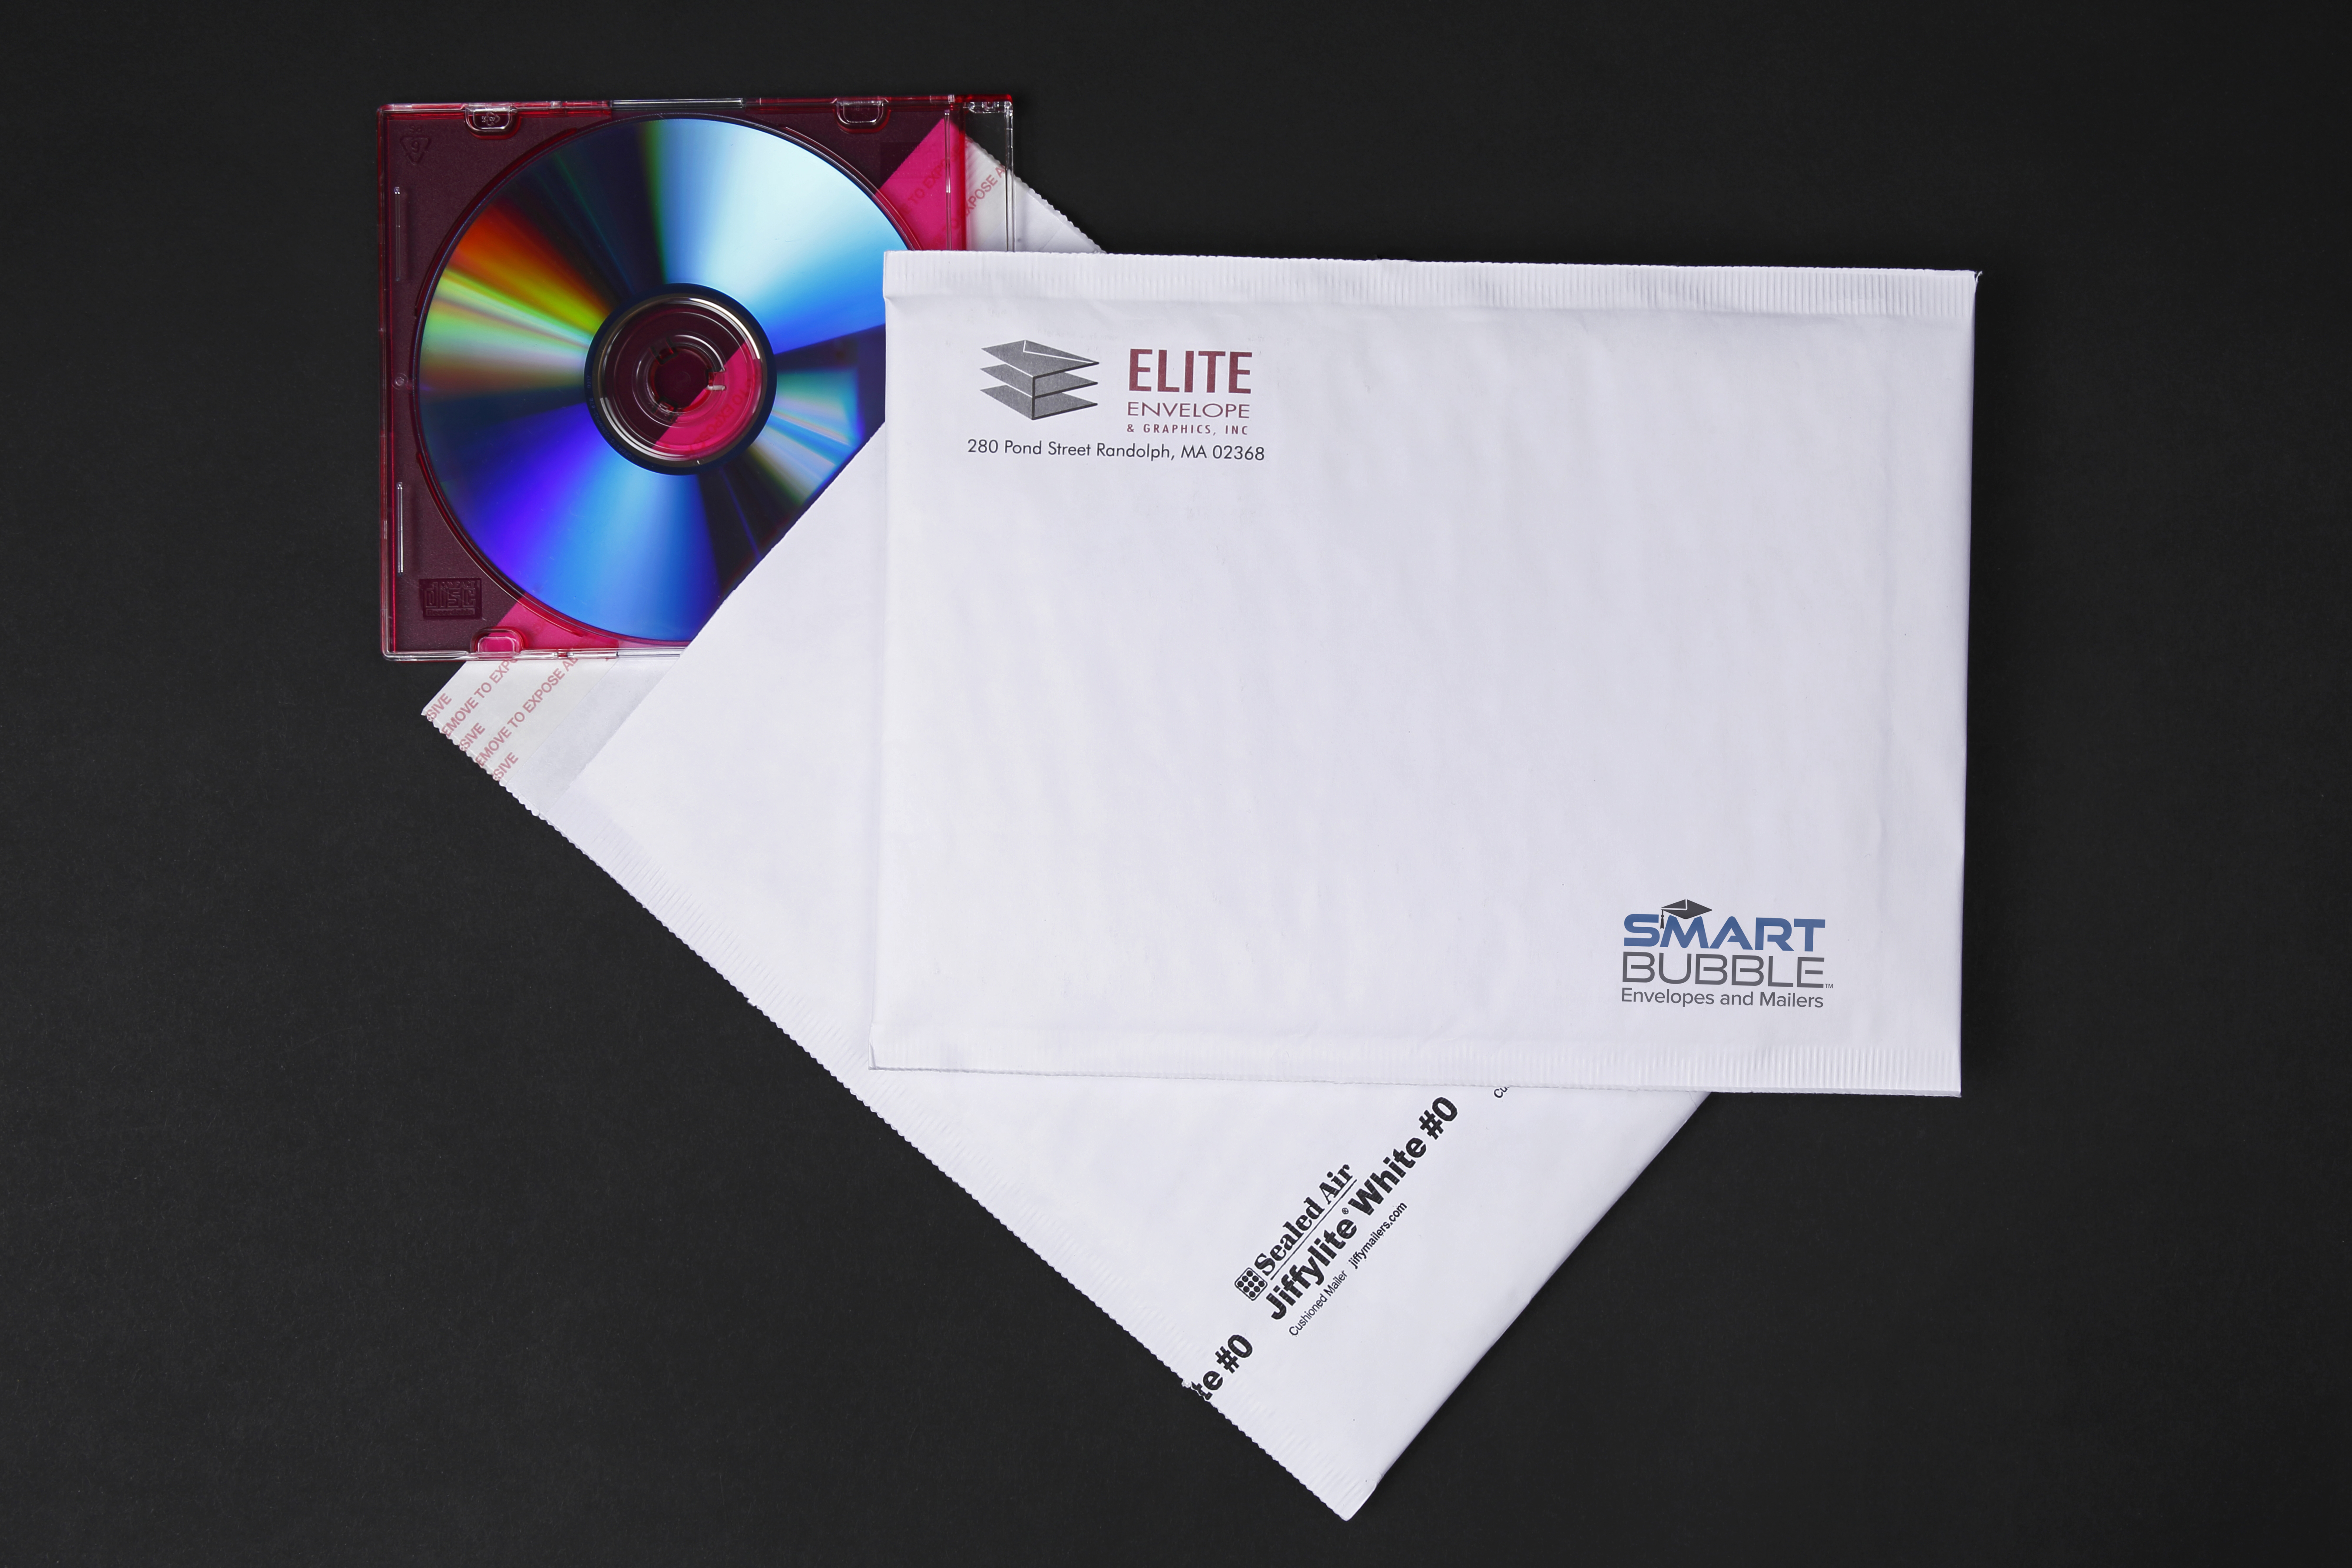 Start Ups Using Envelopes to Ship